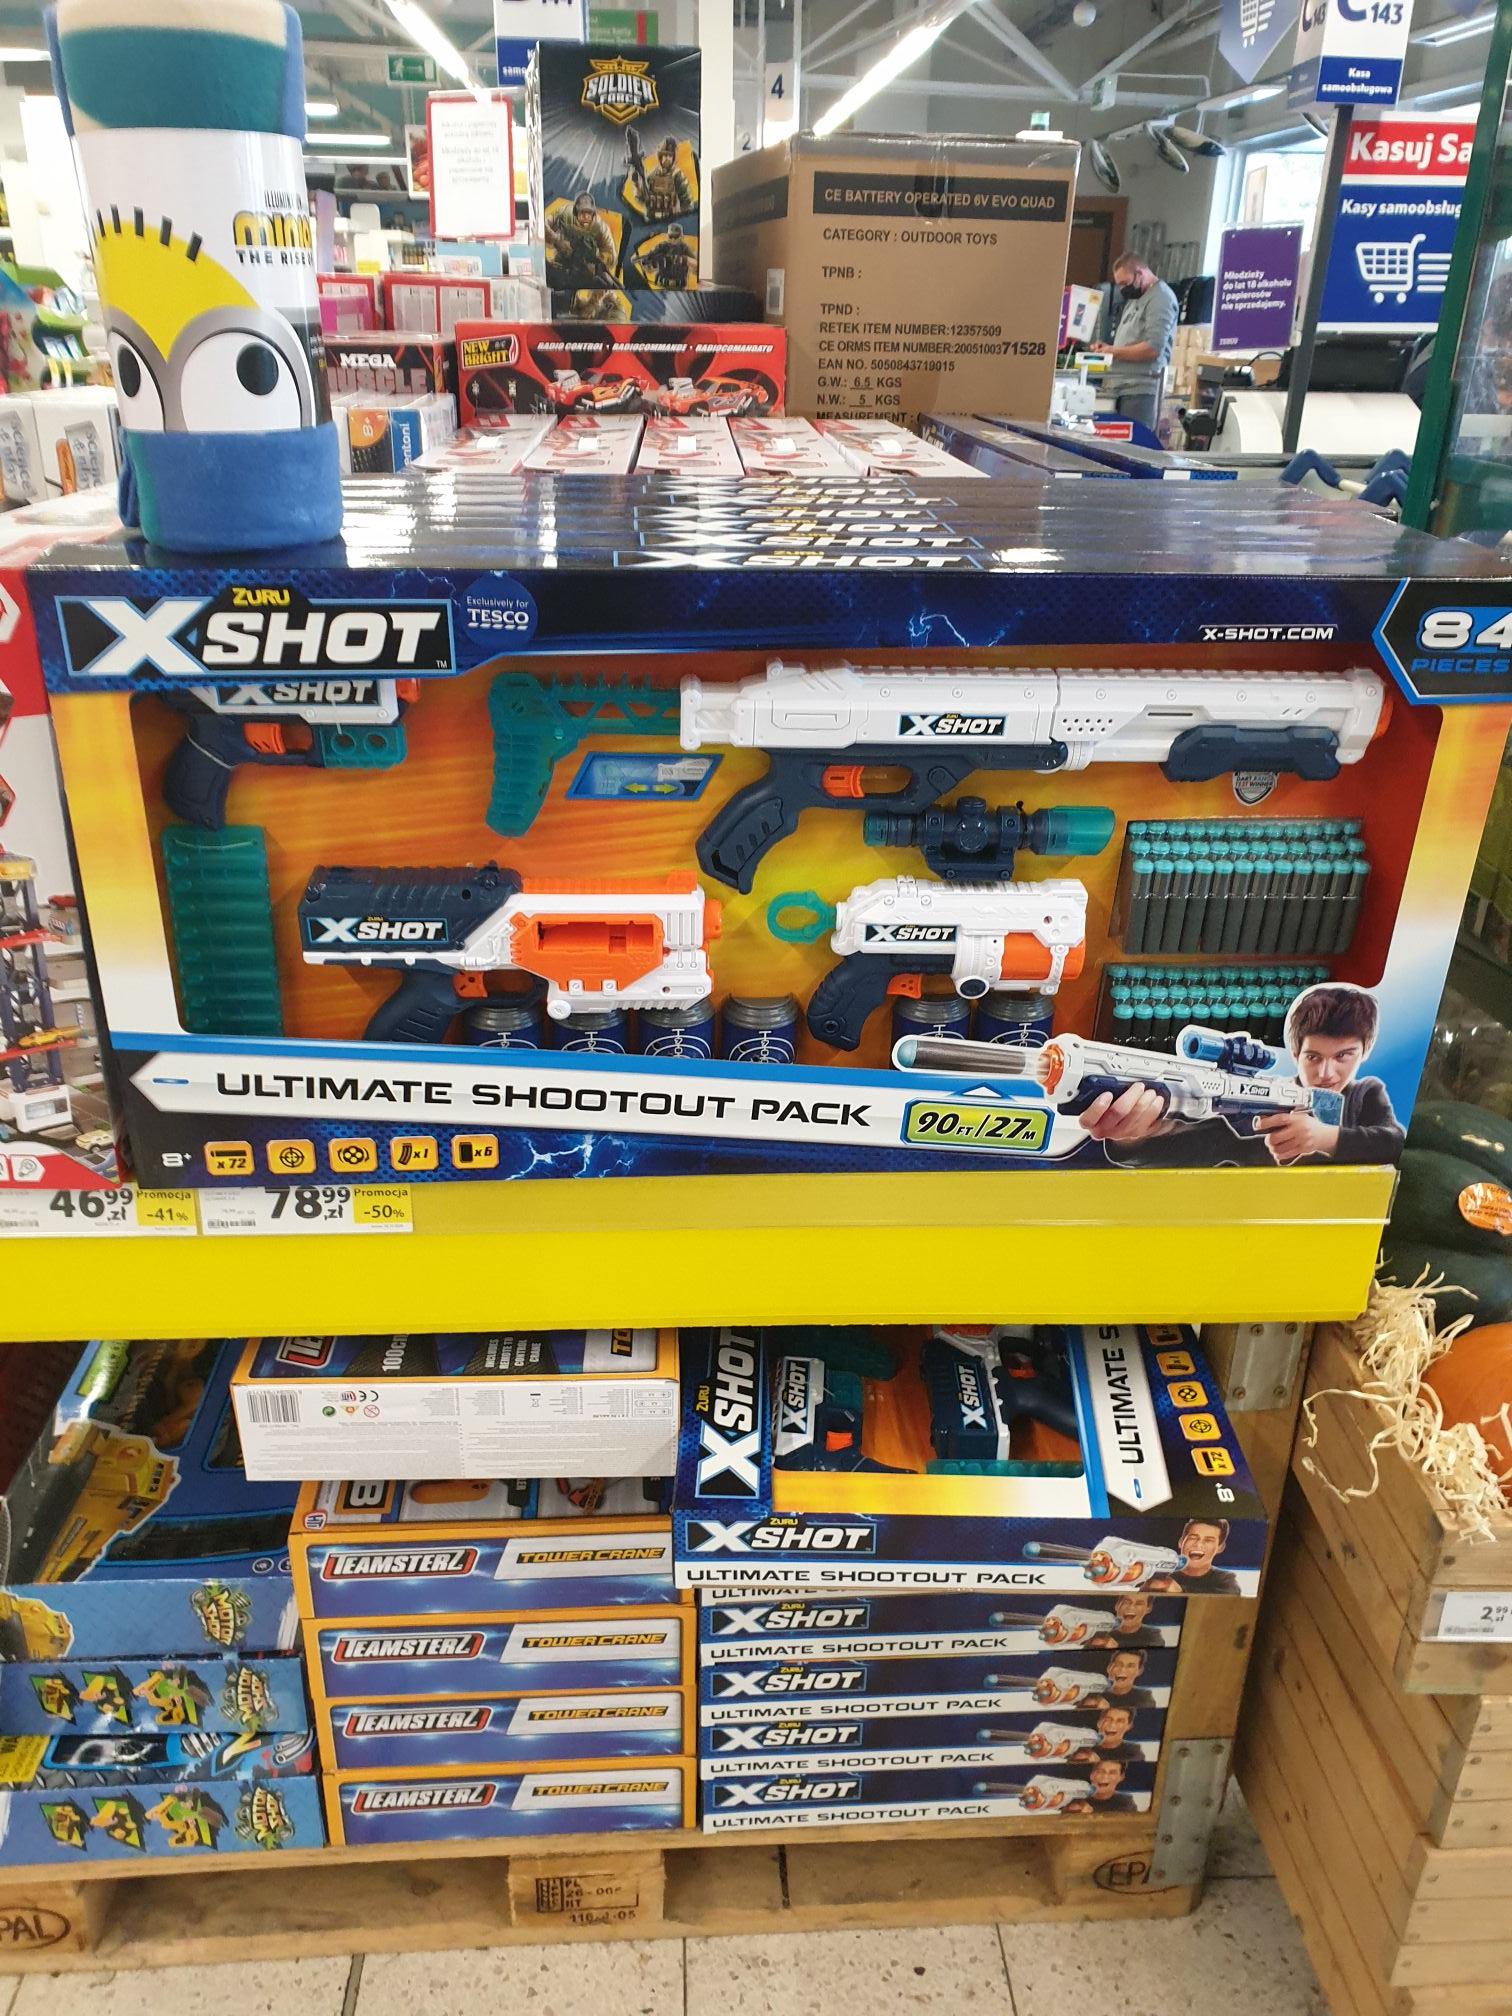 Zuru X Shot Ultimate Shootout Pack GIGA ZESTAW 8+ z 156.88 na 78.99 tesco Nisko